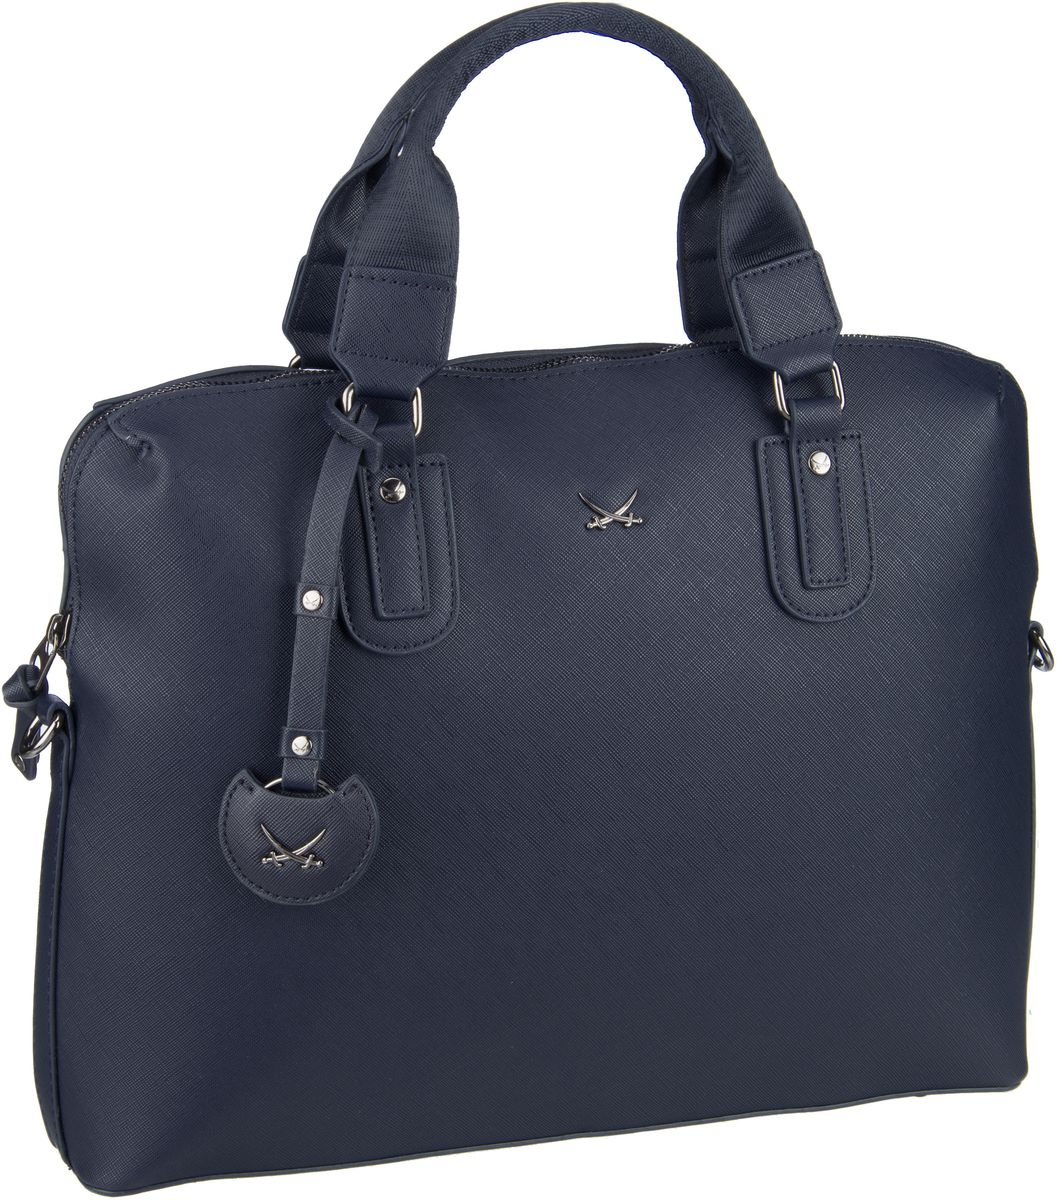 Sansibar Aktentasche Business Bag 1336 Midnight Blue